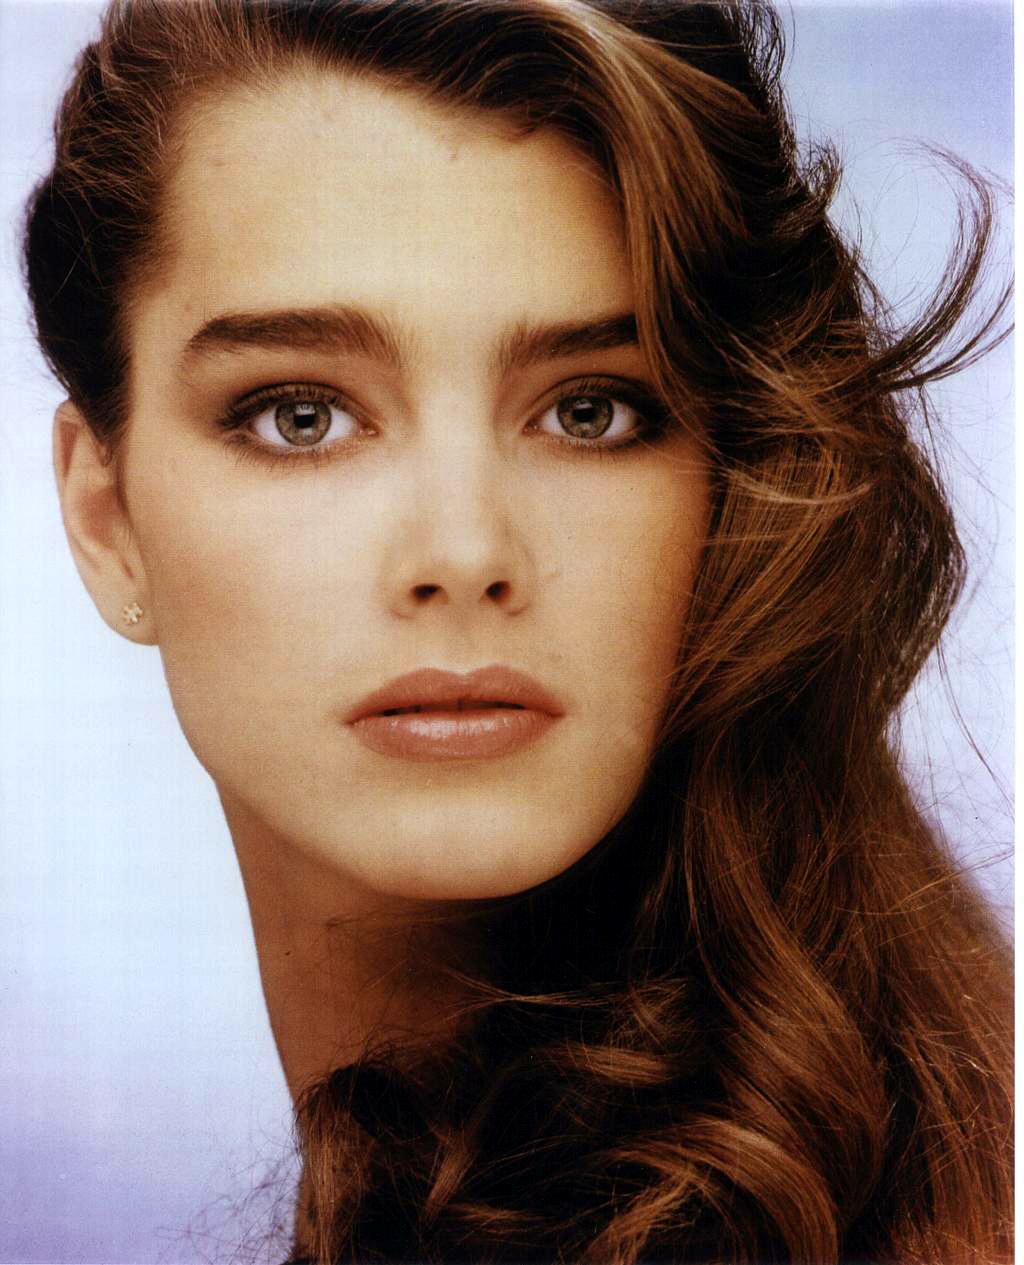 Những huyền thoại sắc đẹp của thập niên 90 khiến bạn thốt lên: Đây mới đúng là nữ thần! - Ảnh 16.